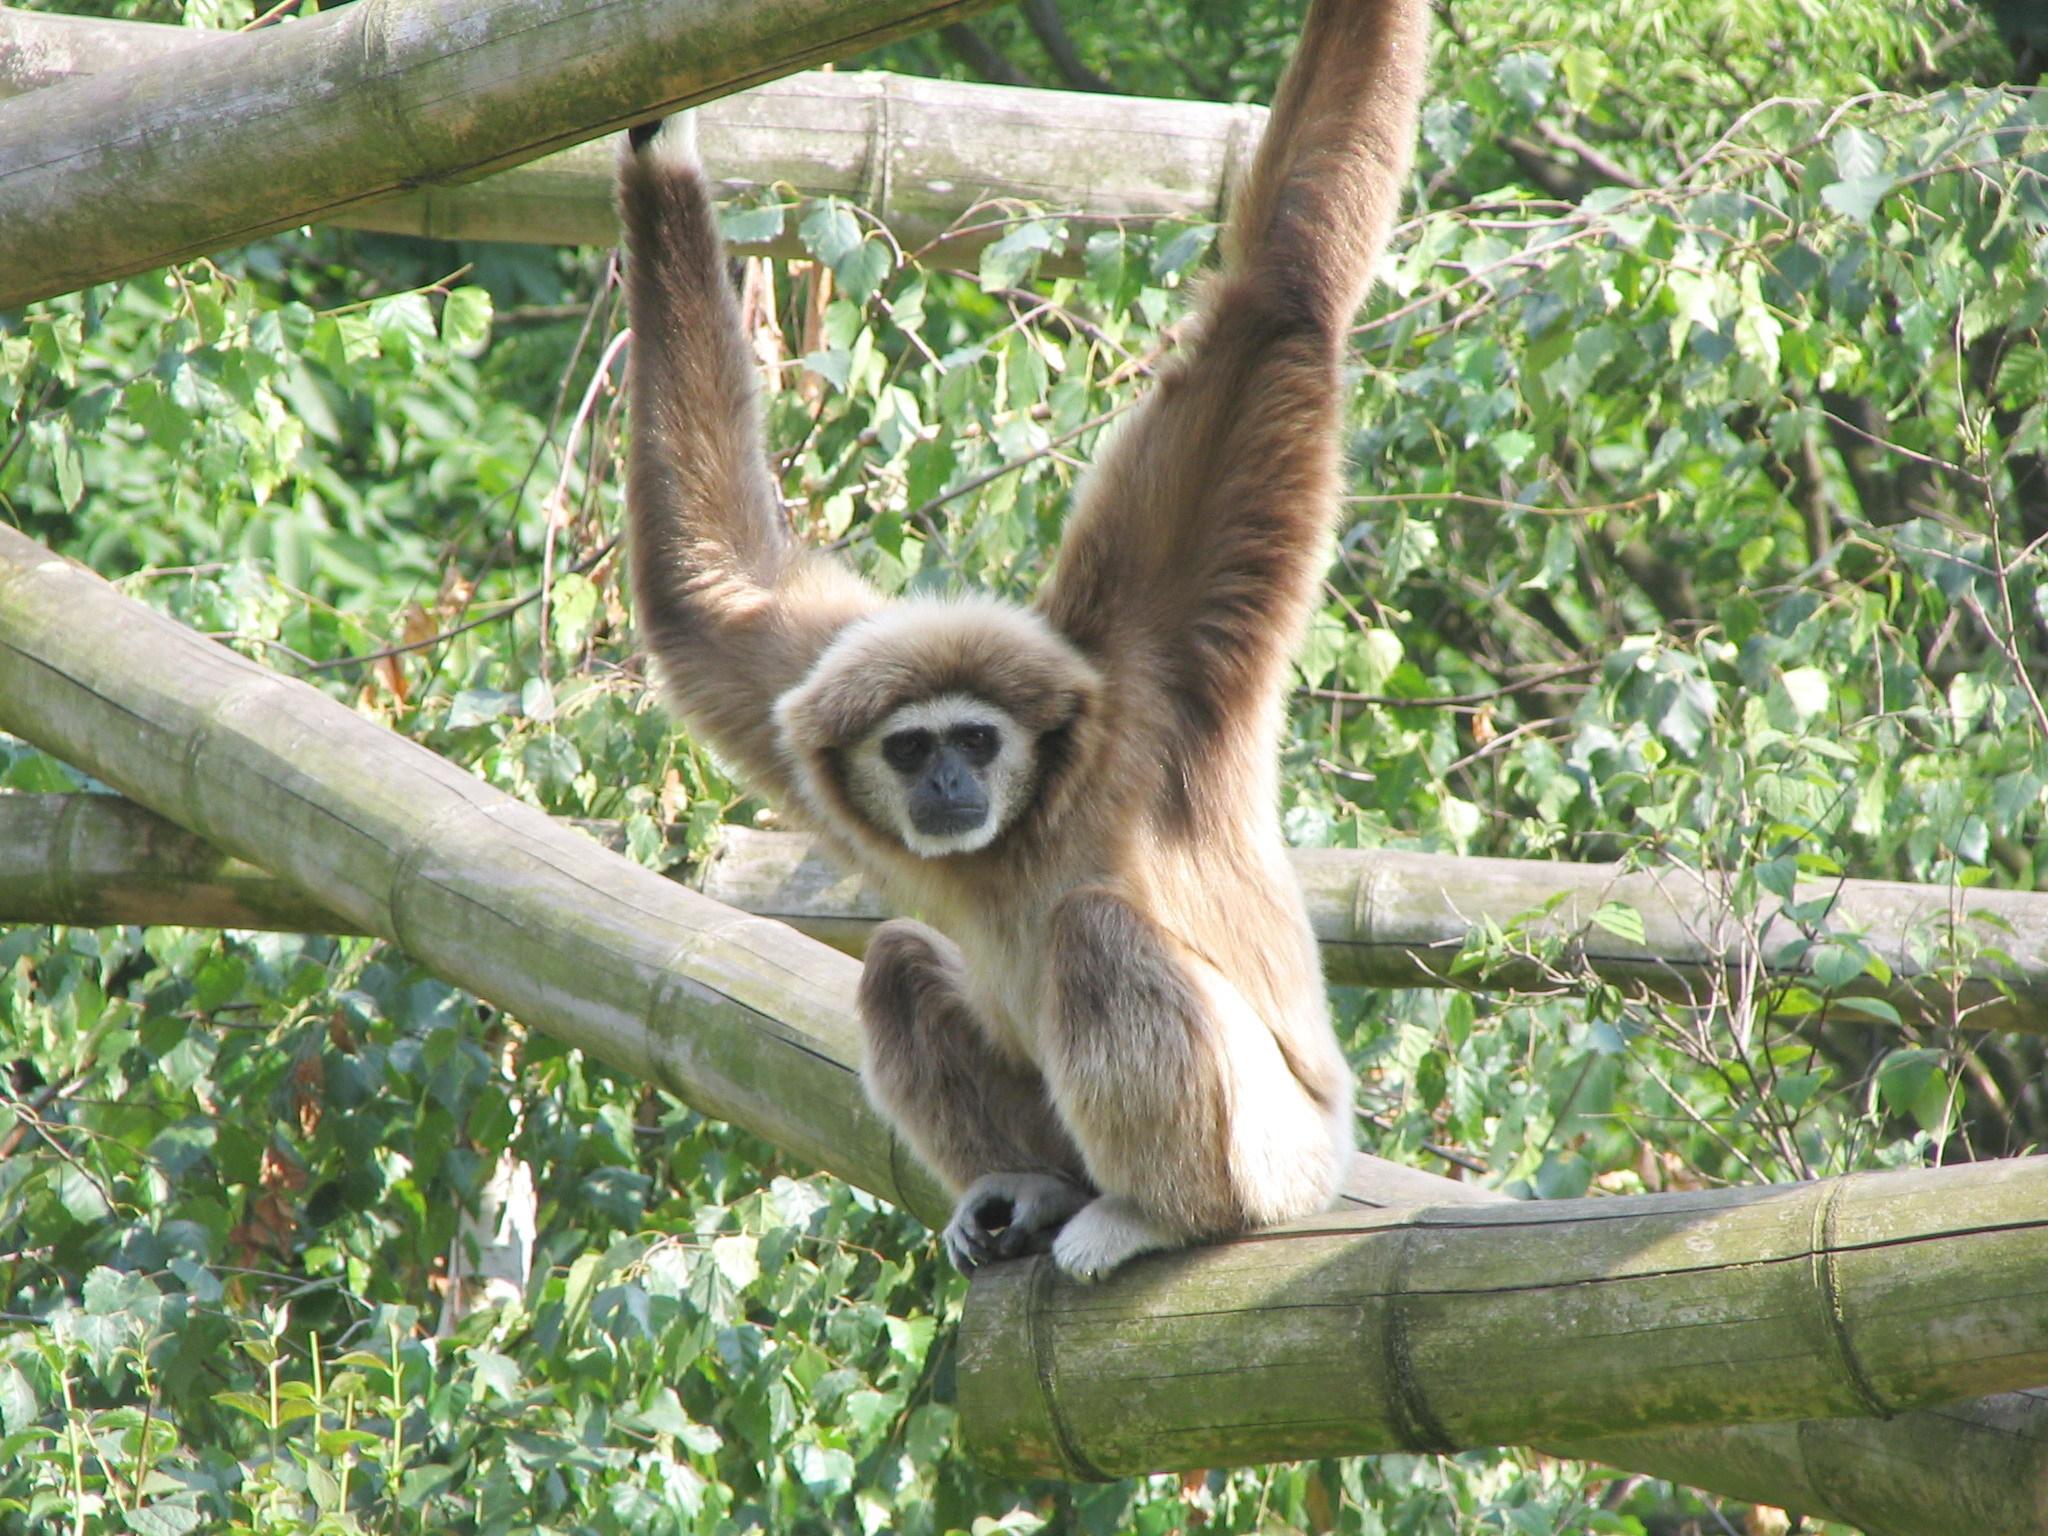 Gibbon-on-the-run